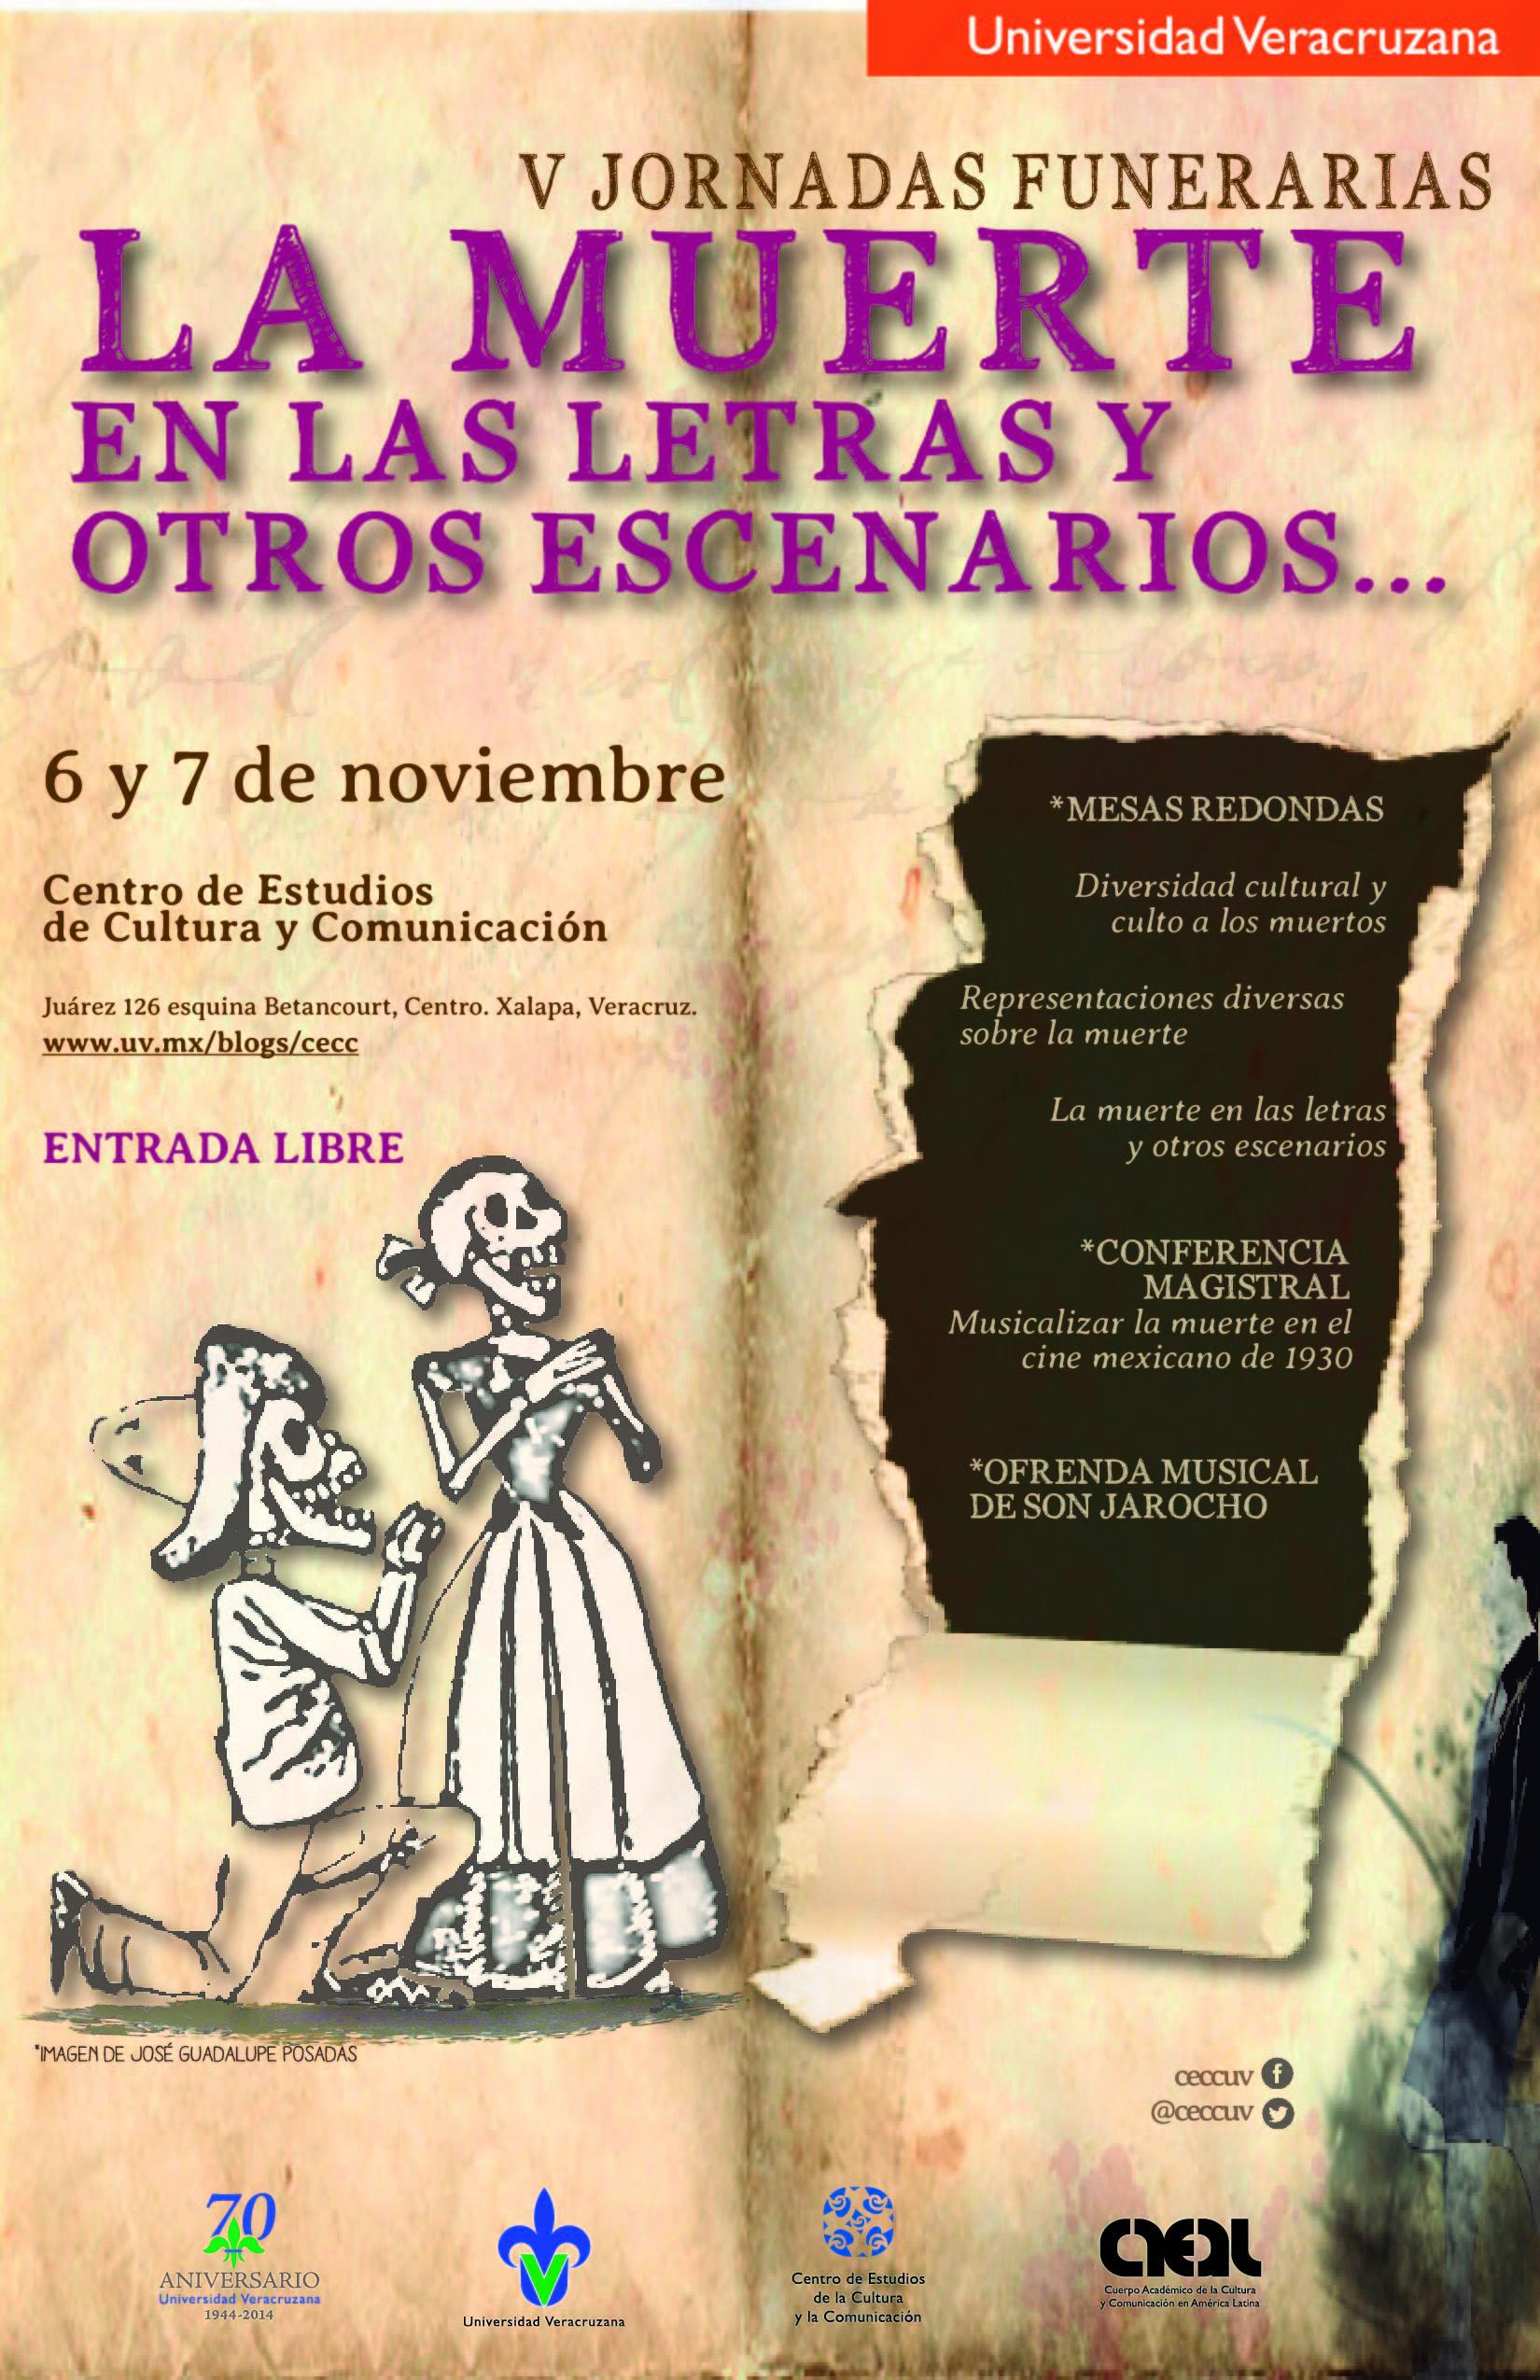 Jornadas funerarias 2014-01